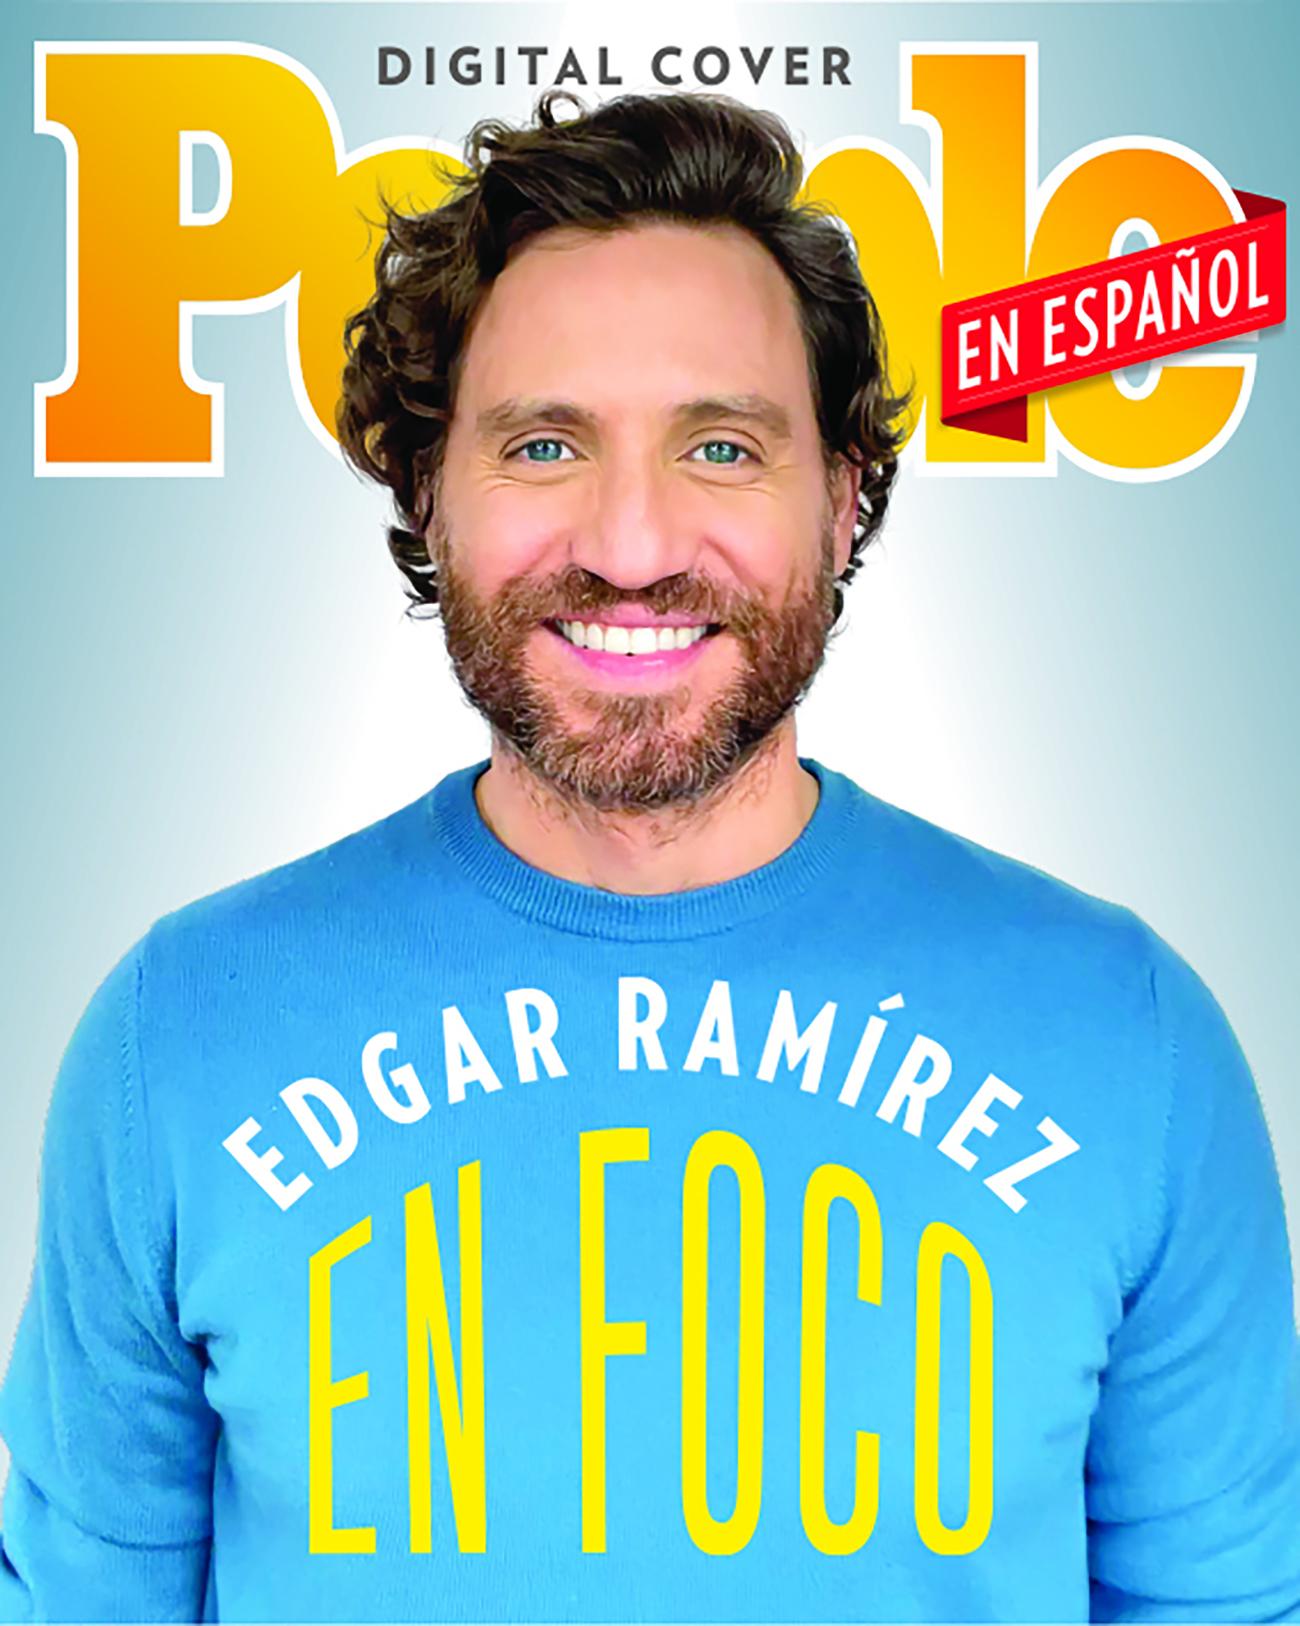 Edgar Ramirez - Digital Cover - DO NOT REUSE